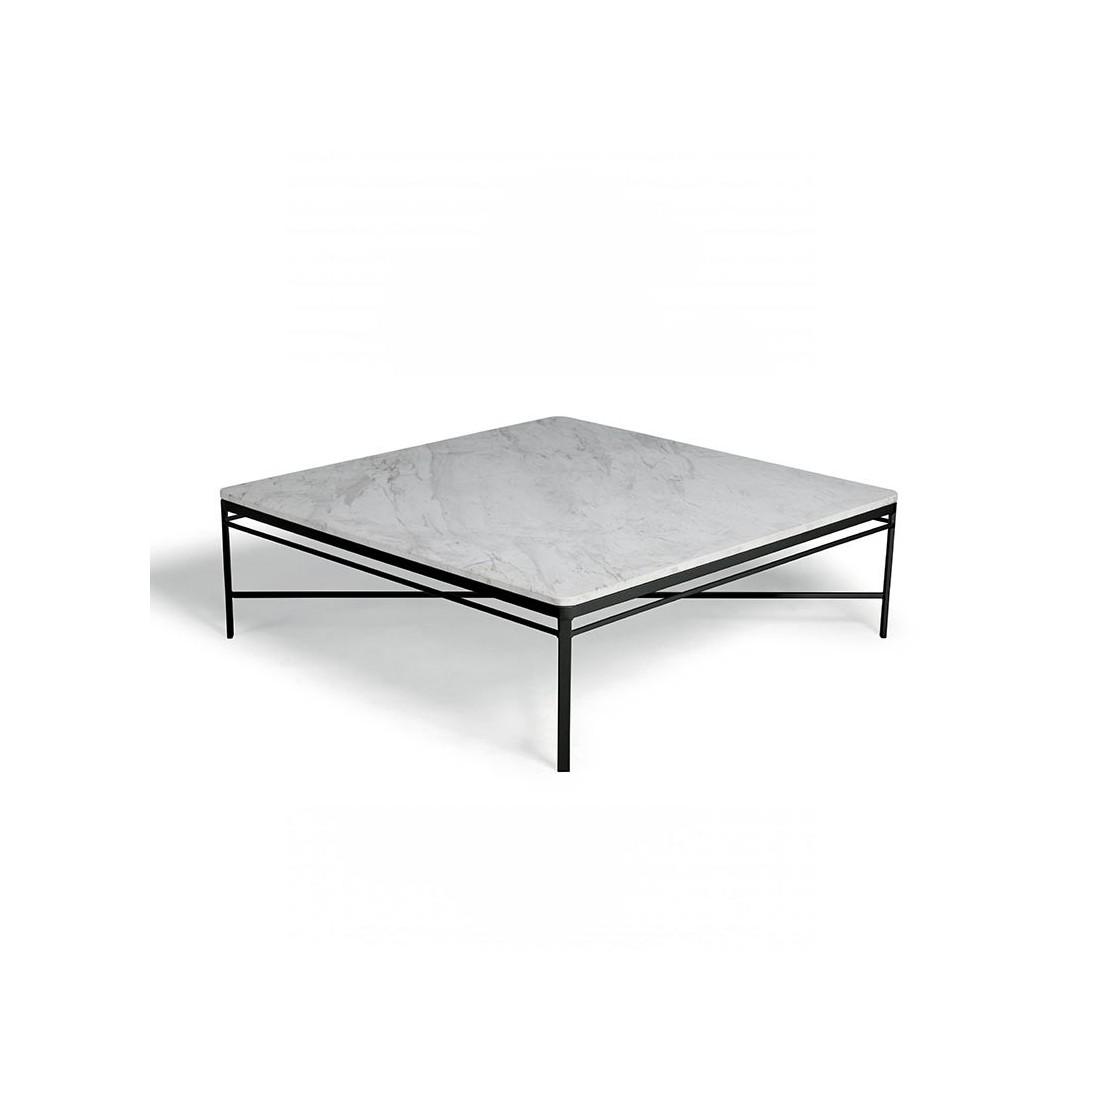 Table basse carr e pour votre terrasse et jardin for Table carree 120 cm